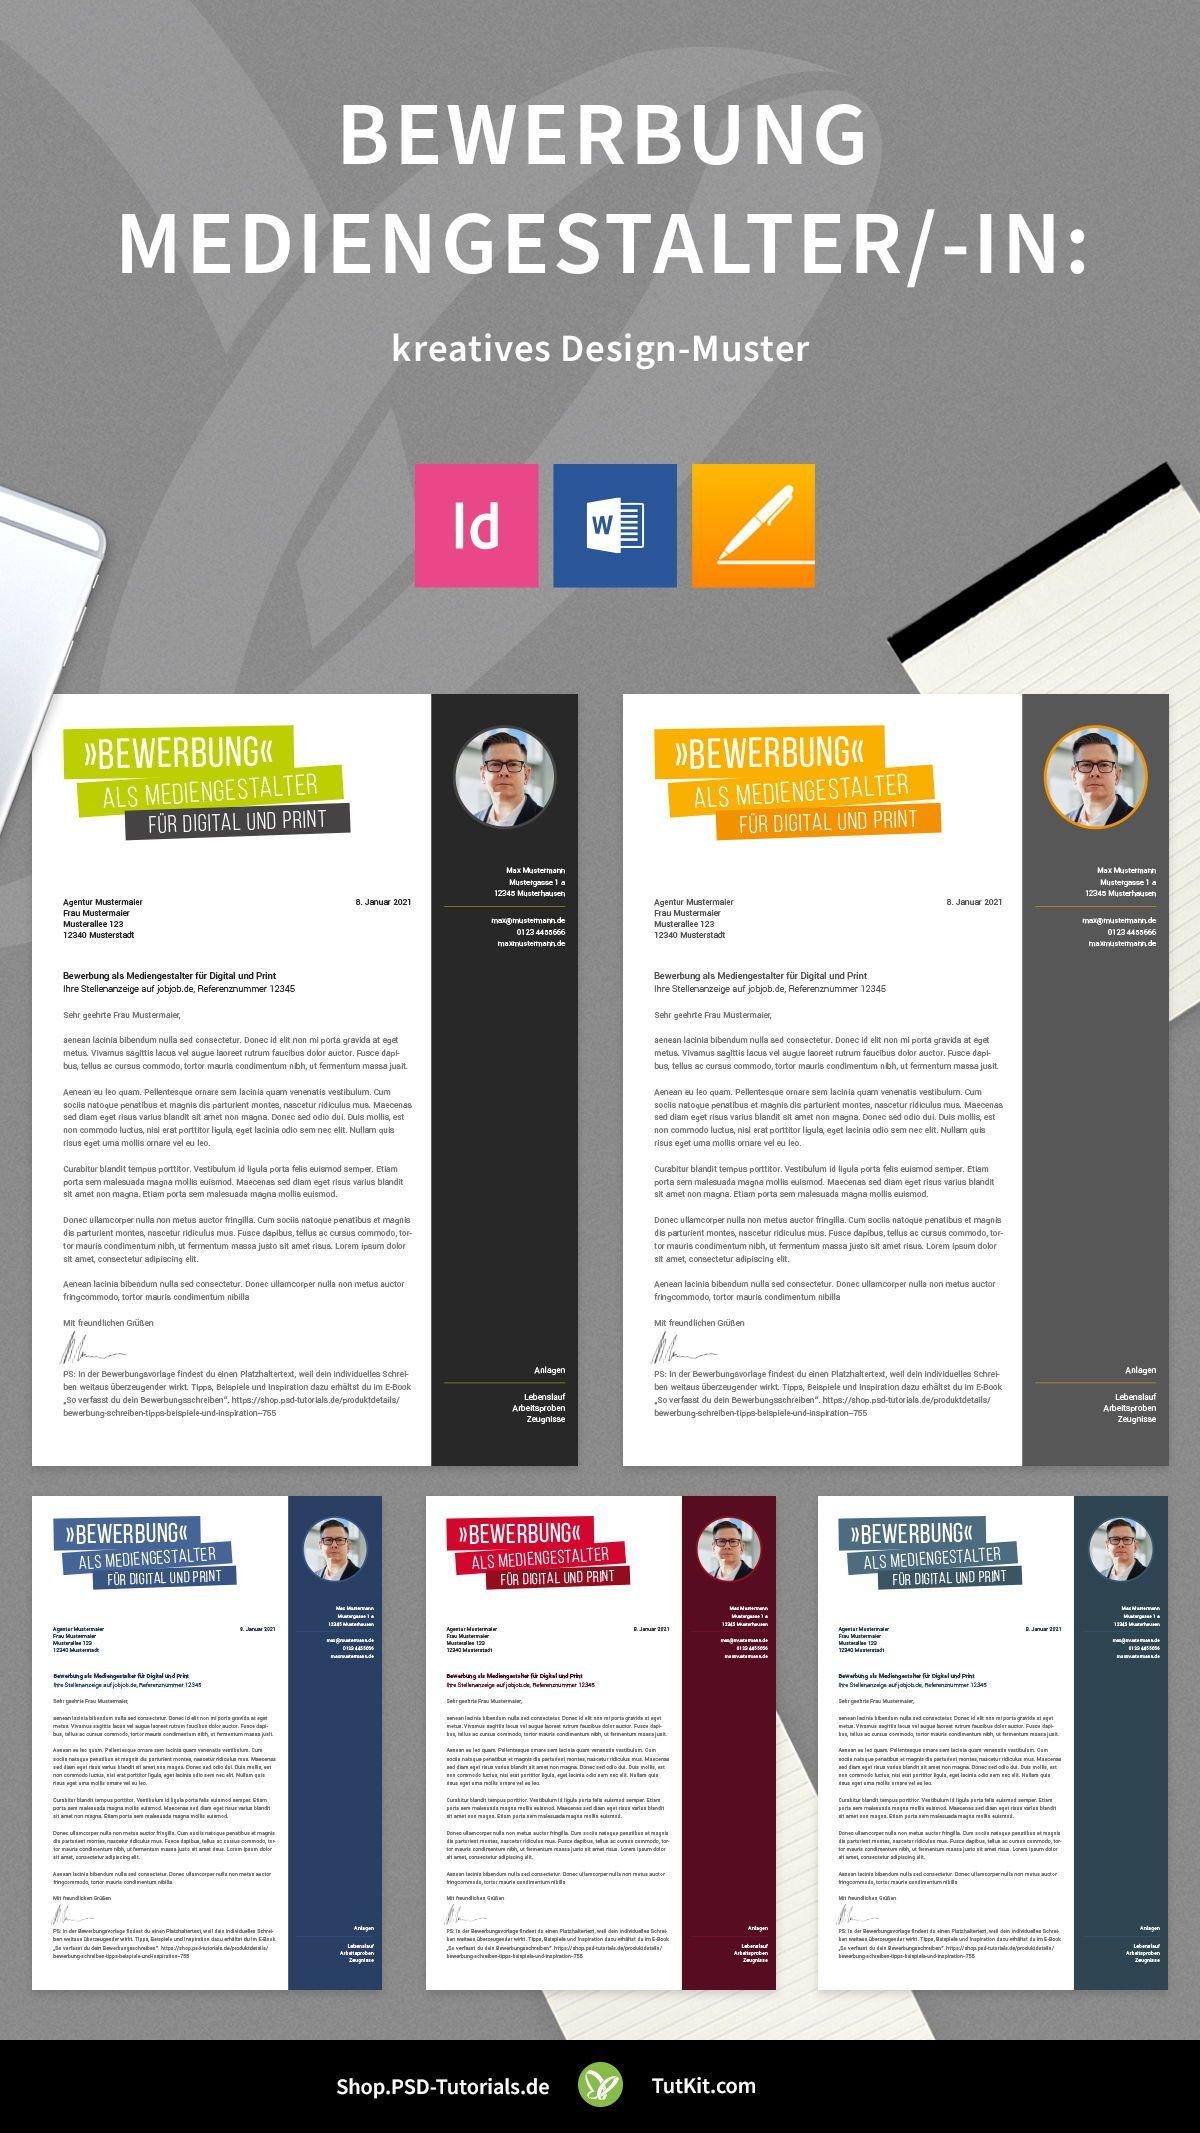 Bewerbung Mediengestalter In Kreatives Design Muster In 2020 Mediengestalter Kreatives Design Designvorlagen